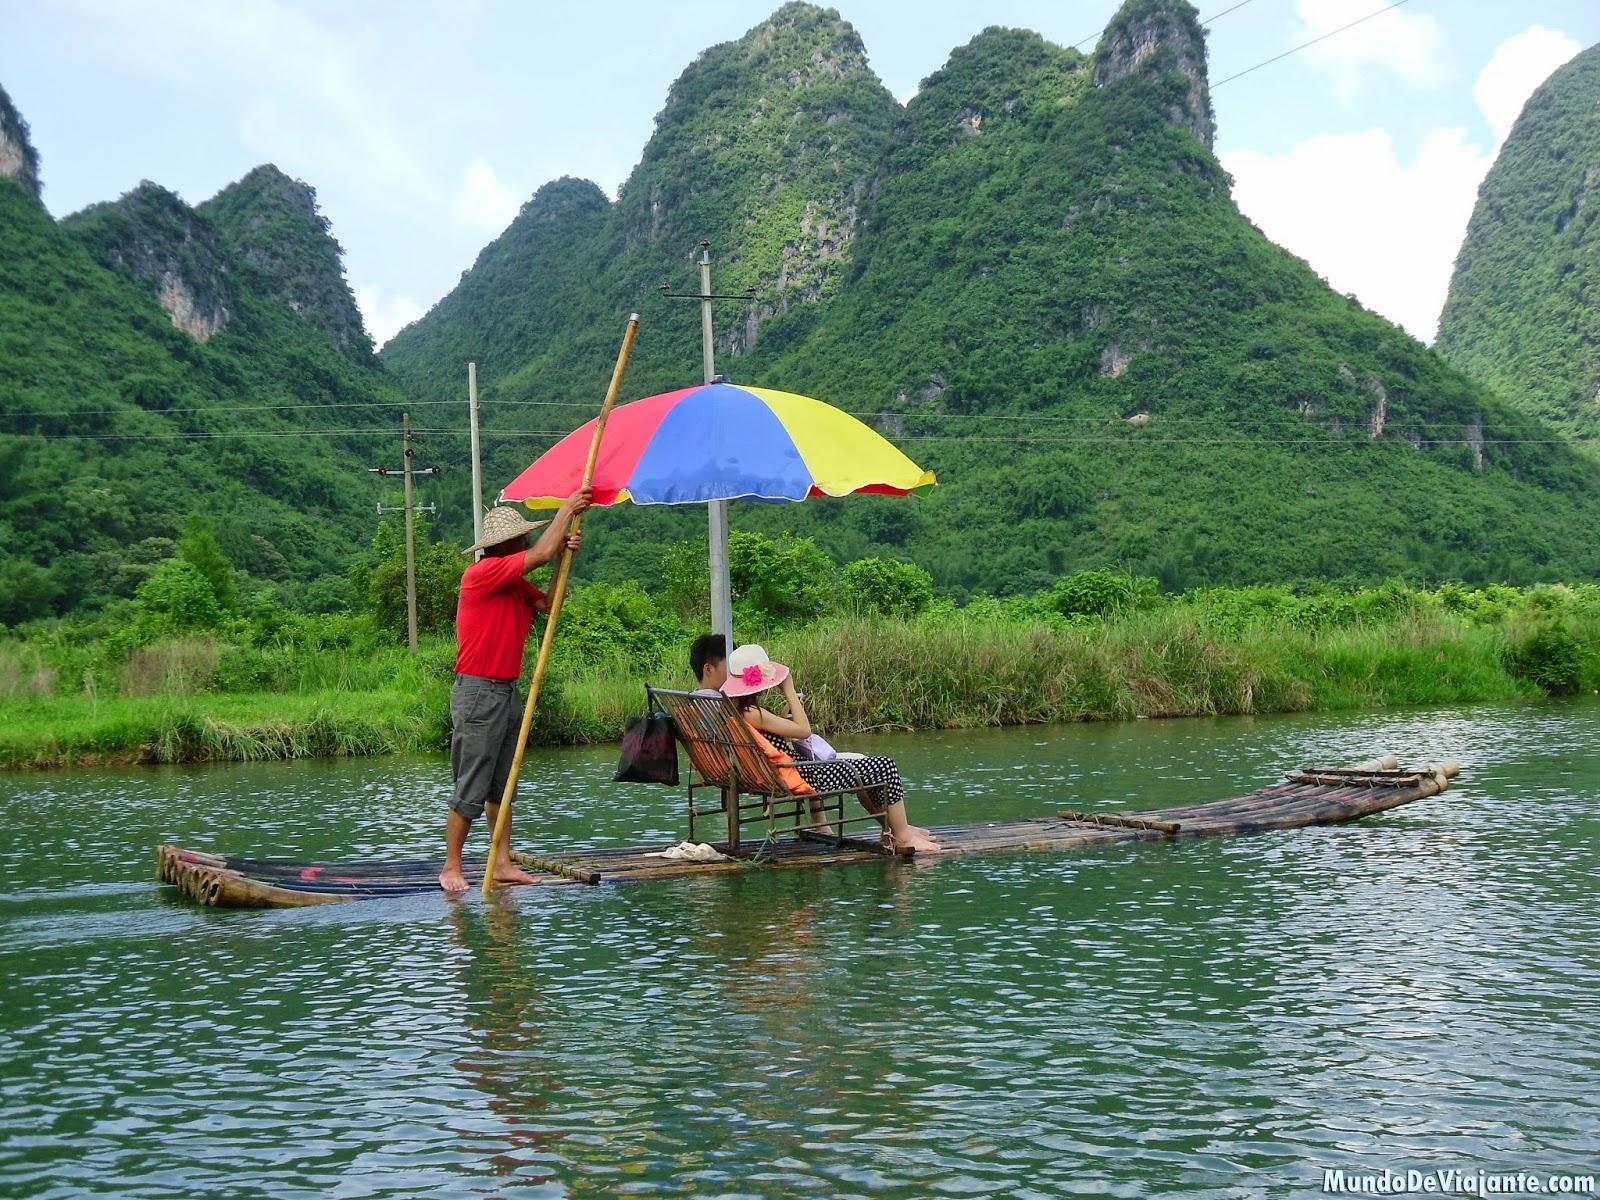 viajar barato dicas para economizar em viagens internacionais passeio alternativo na China